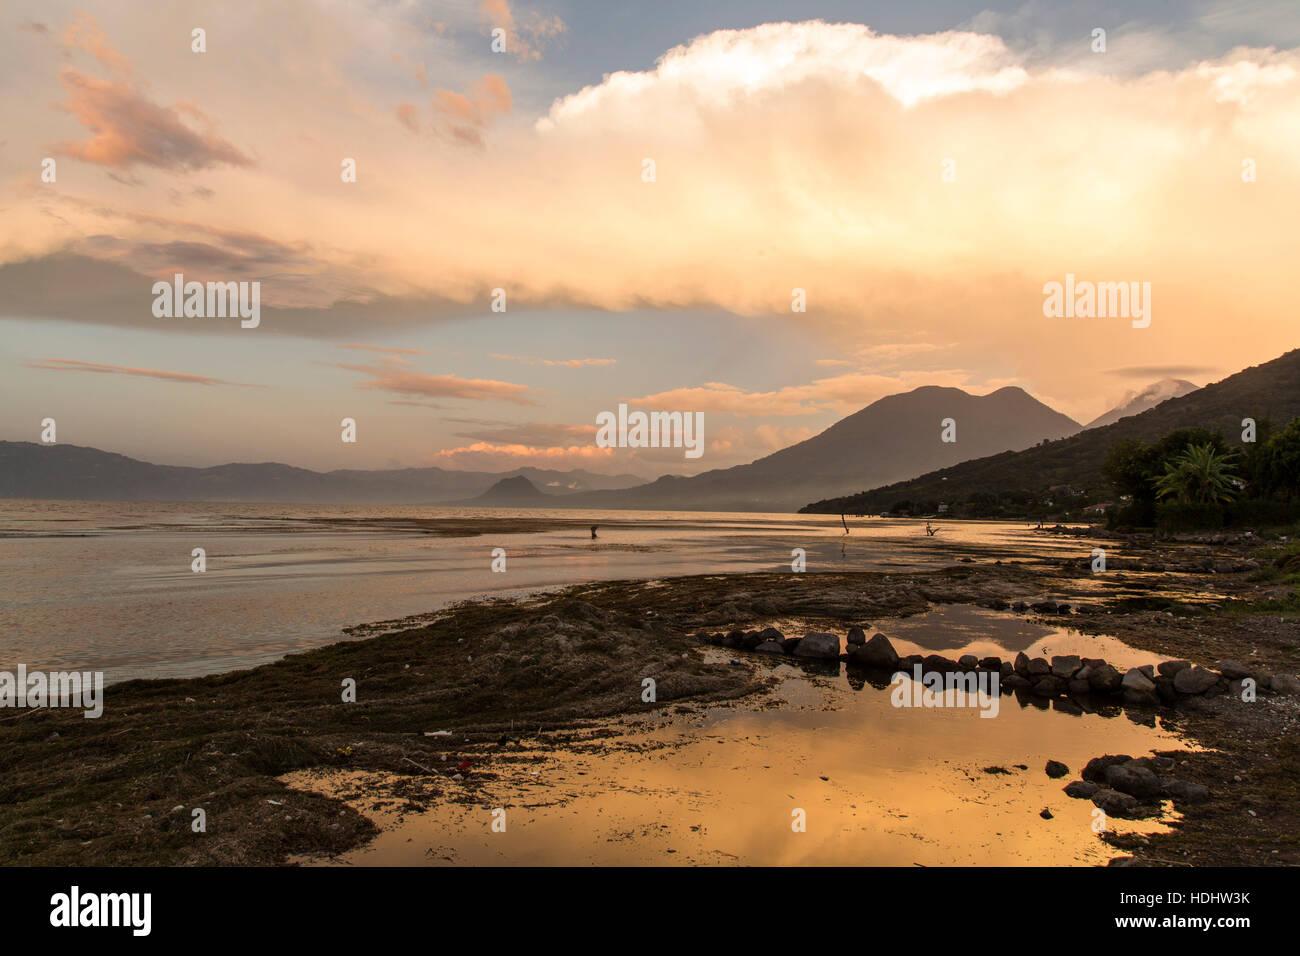 Bunte Wolken über Lake Atitlan, Guatemala bei Sonnenuntergang.  Neigung der inaktiven San Pedro Volcano auf Stockbild